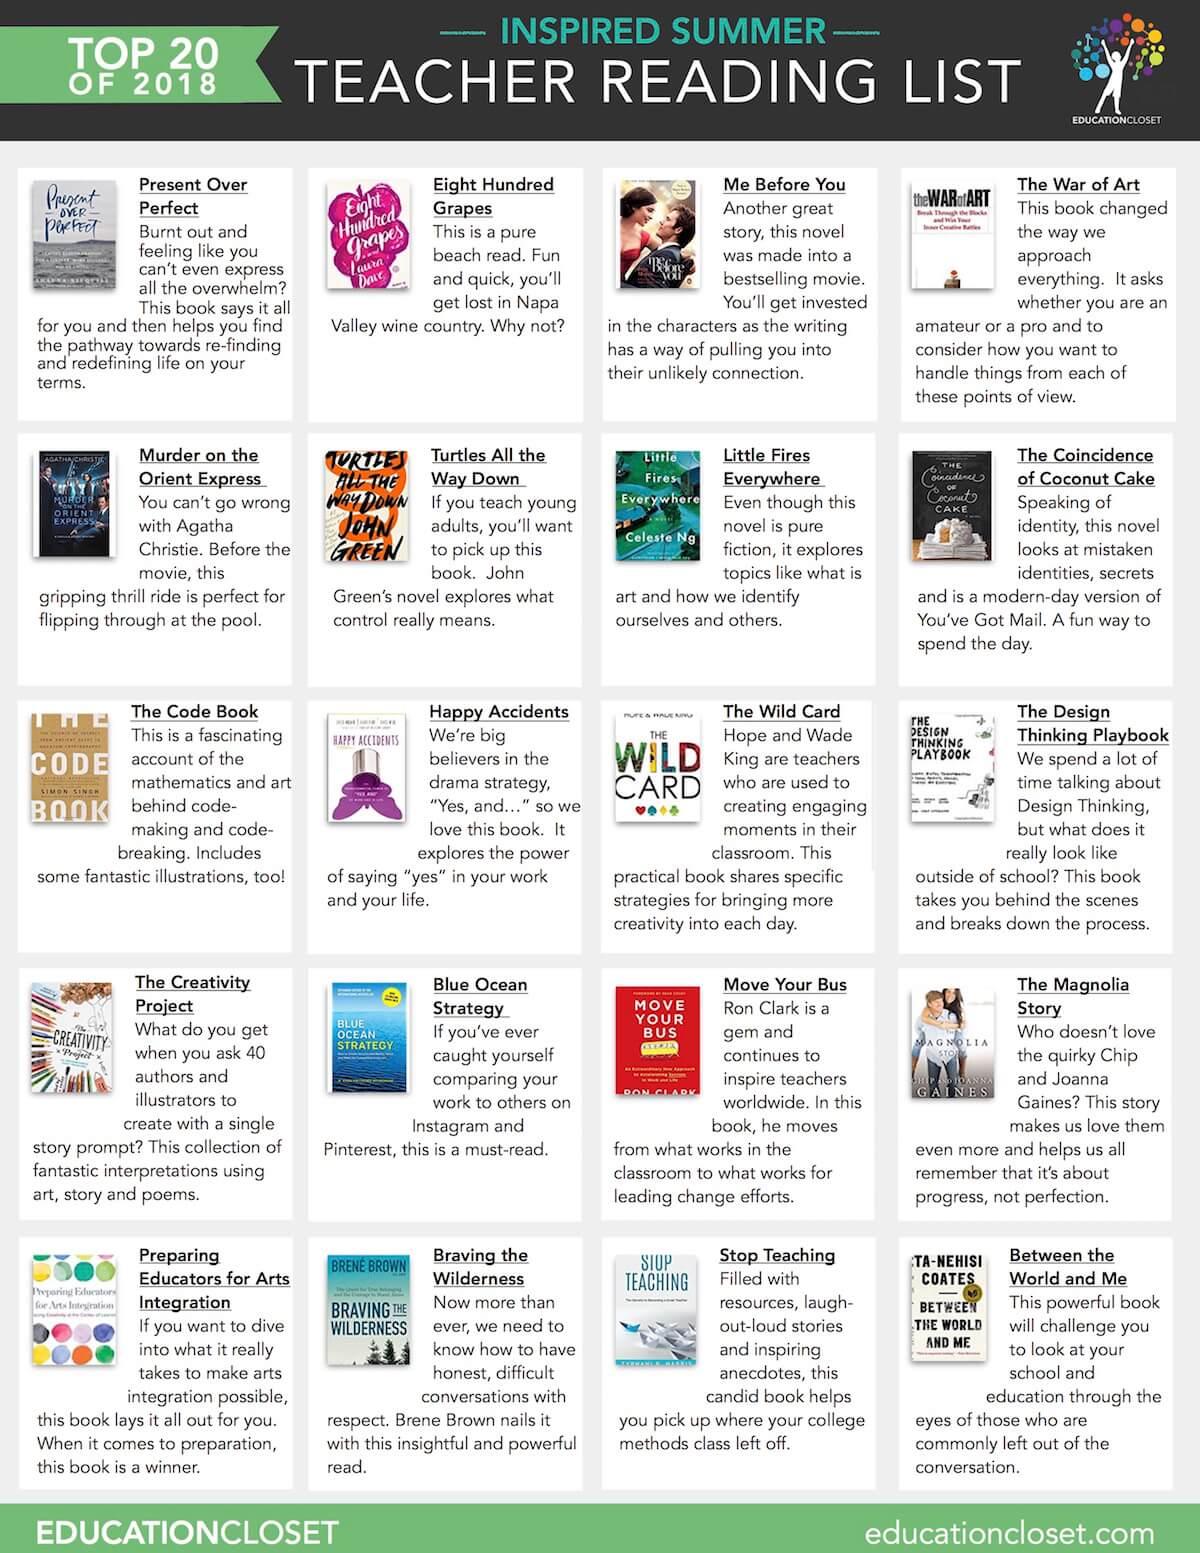 2018 Teacher Summer Reading List